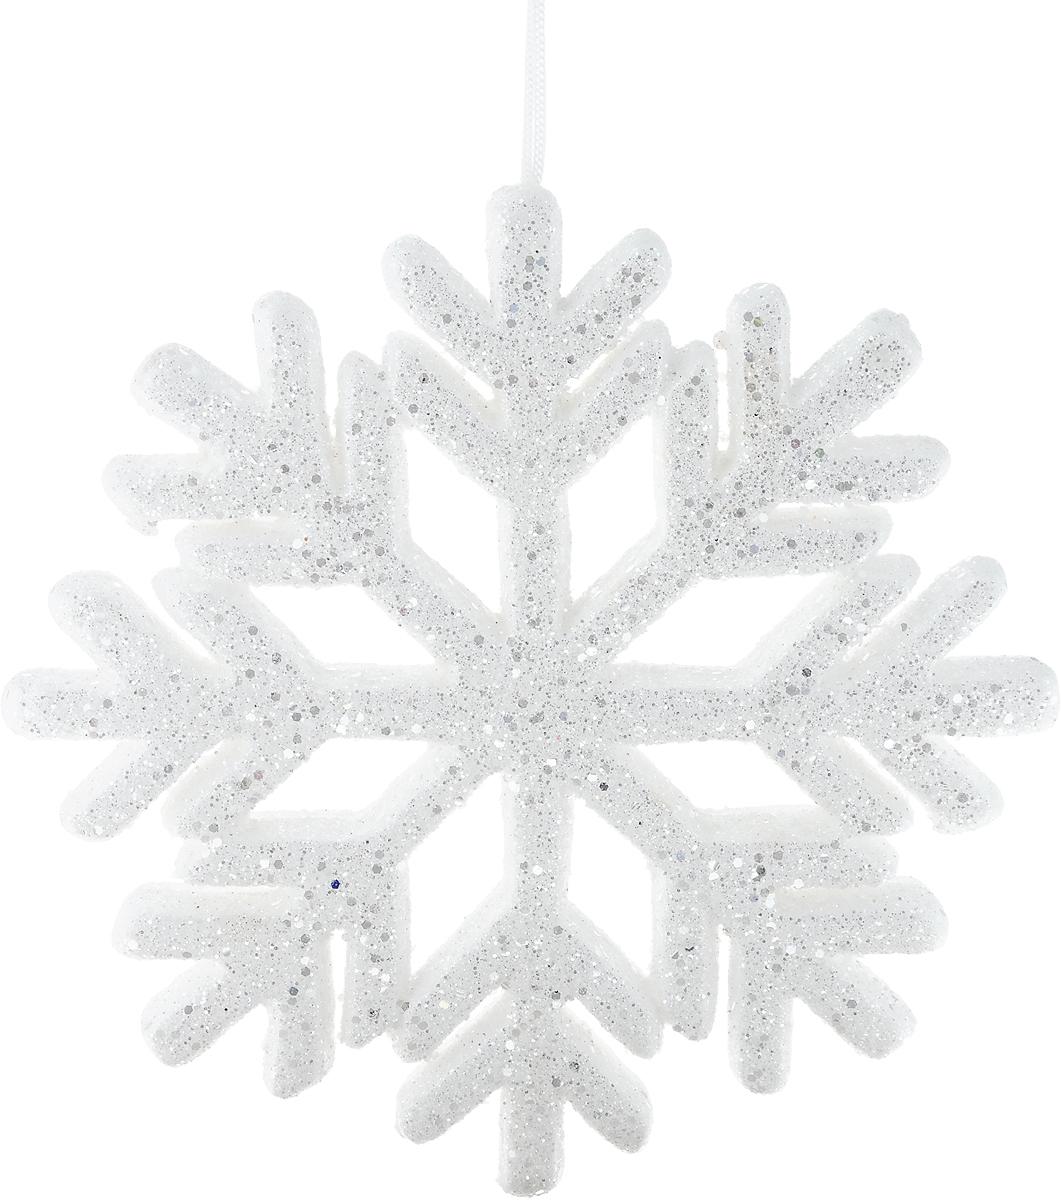 Украшение новогоднее подвесное Win Max Снежинка, диамтер 25 смJUM 14306Новогоднее подвесное украшение Win Max Снежинка прекрасно подойдет для праздничного декора новогодней ели. Изделие выполнено из пенопласта и украшено блестками. Для удобного размещения на елке для украшения предусмотрена петелька. Елочная игрушка - символ Нового года. Она несет в себе волшебство и красоту праздника. Создайте в своем доме атмосферу веселья и радости, украшая новогоднюю елку нарядными игрушками, которые будут из года в год накапливать теплоту воспоминаний.